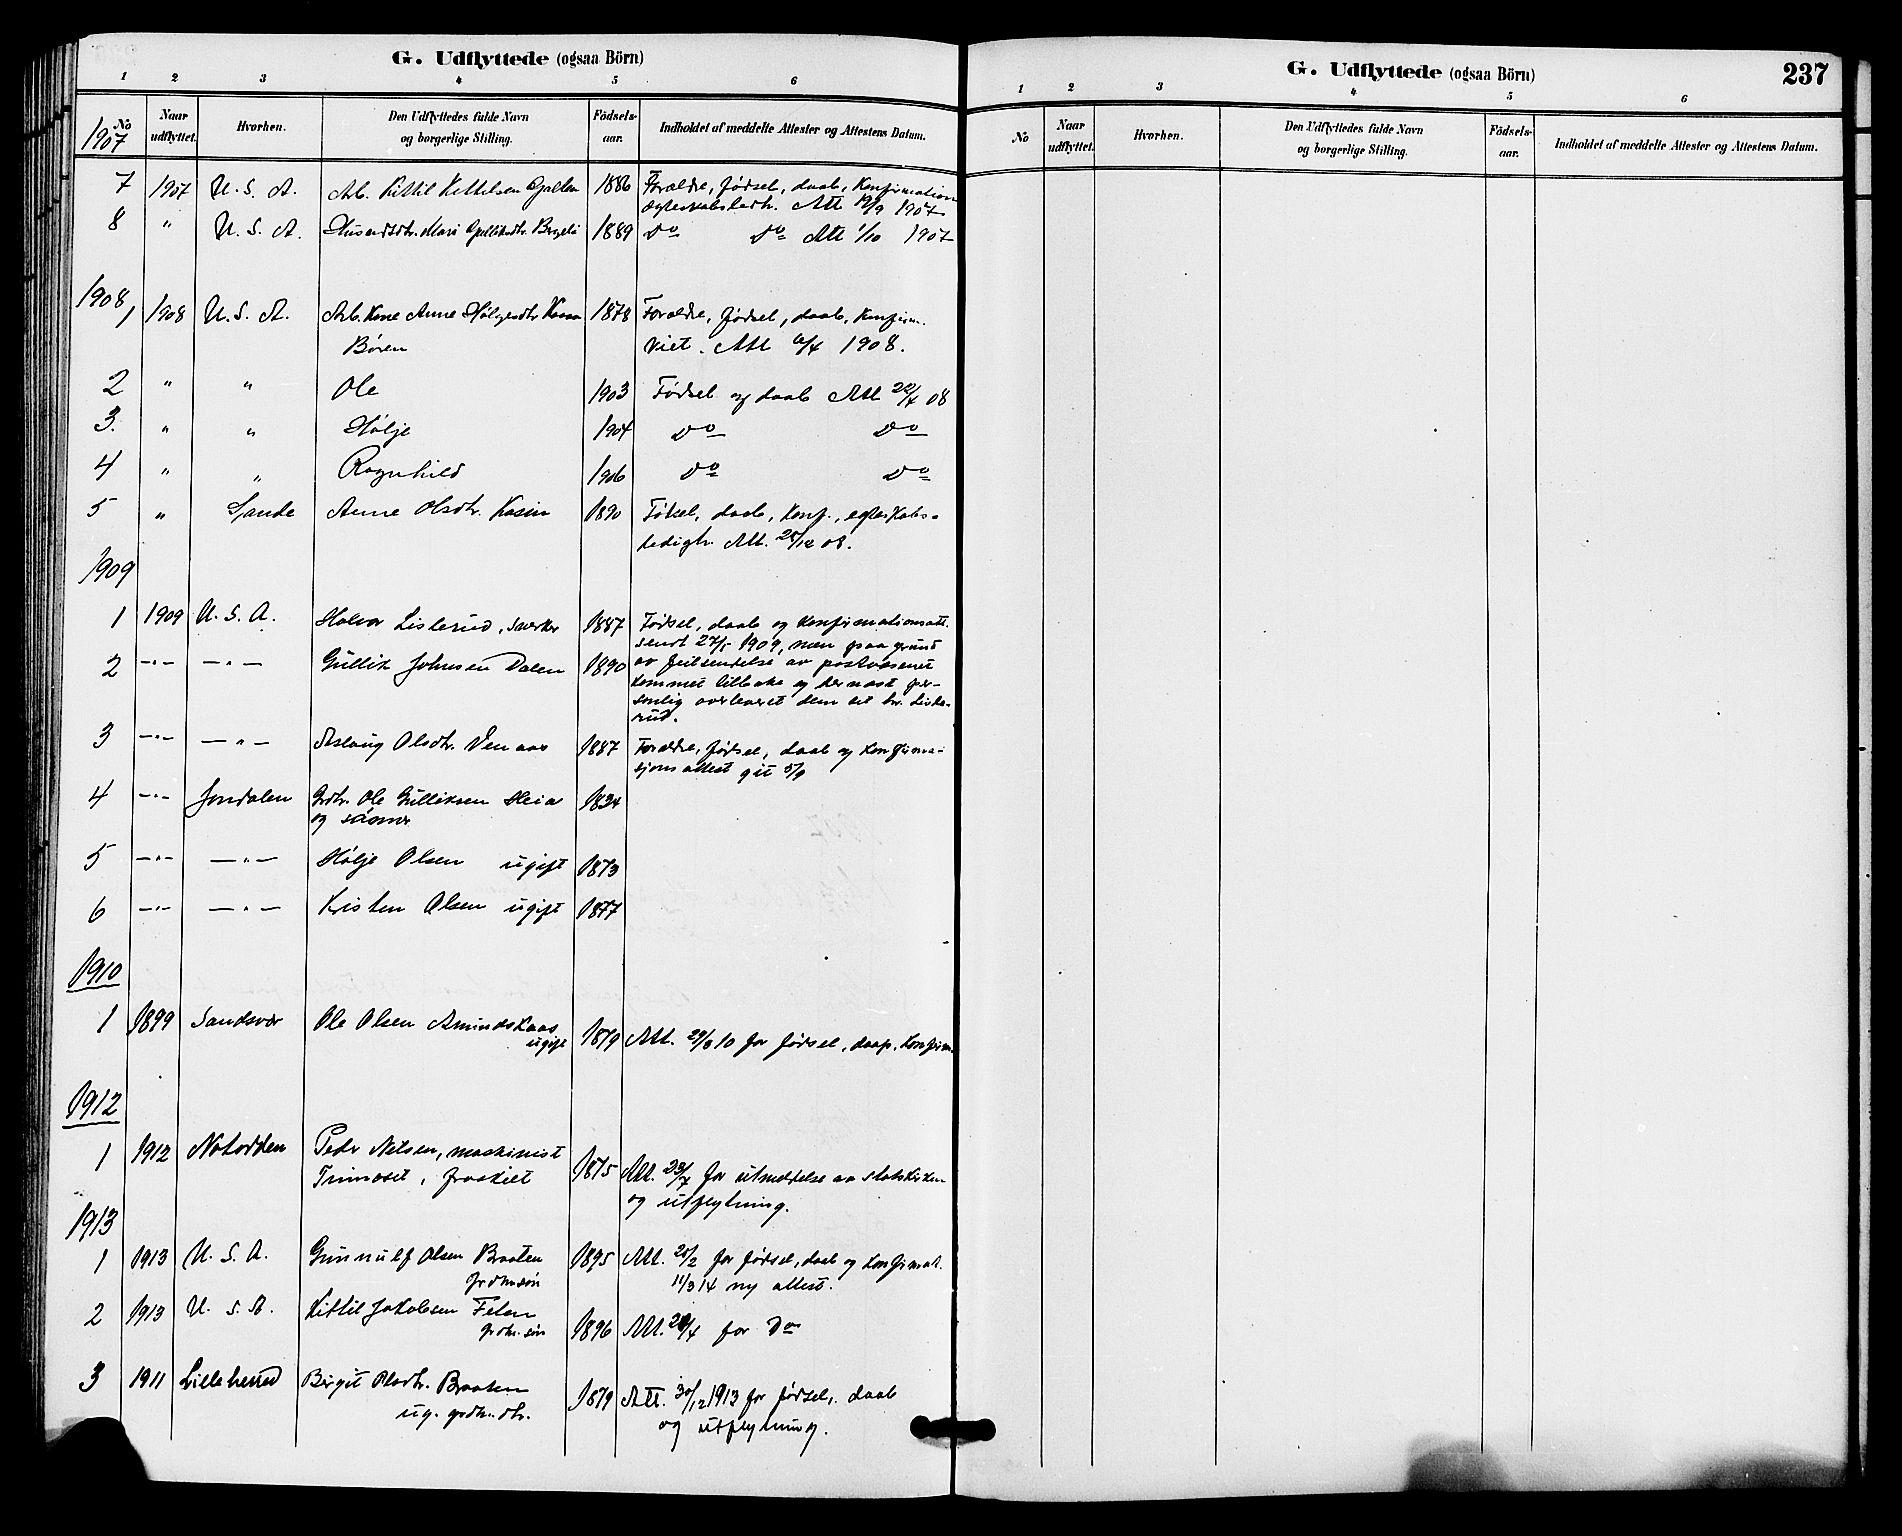 SAKO, Gransherad kirkebøker, G/Ga/L0003: Klokkerbok nr. I 3, 1887-1915, s. 237